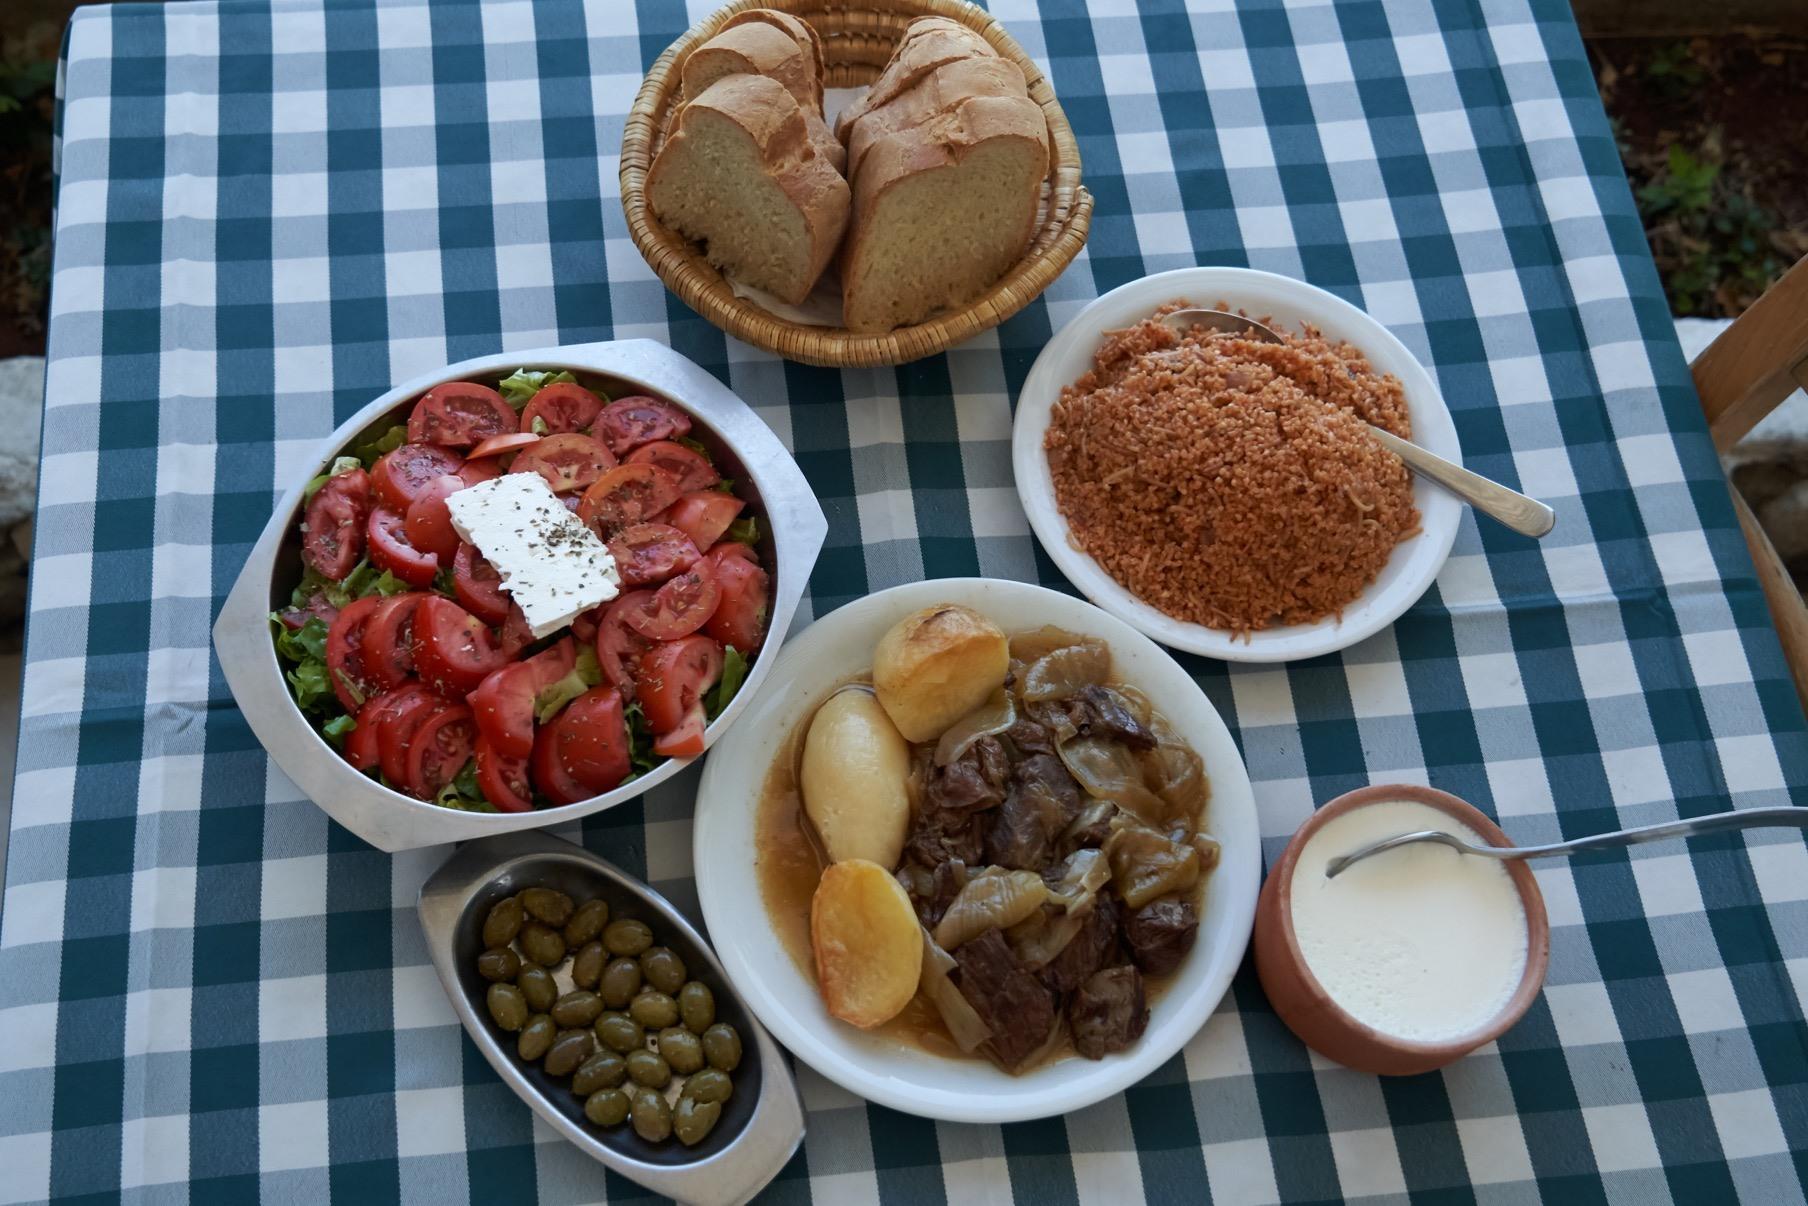 Αυτές τις γιορτές θα φάμε τα παραδοσιακά πιάτα του Militzis Restaurant στο σπίτι μας